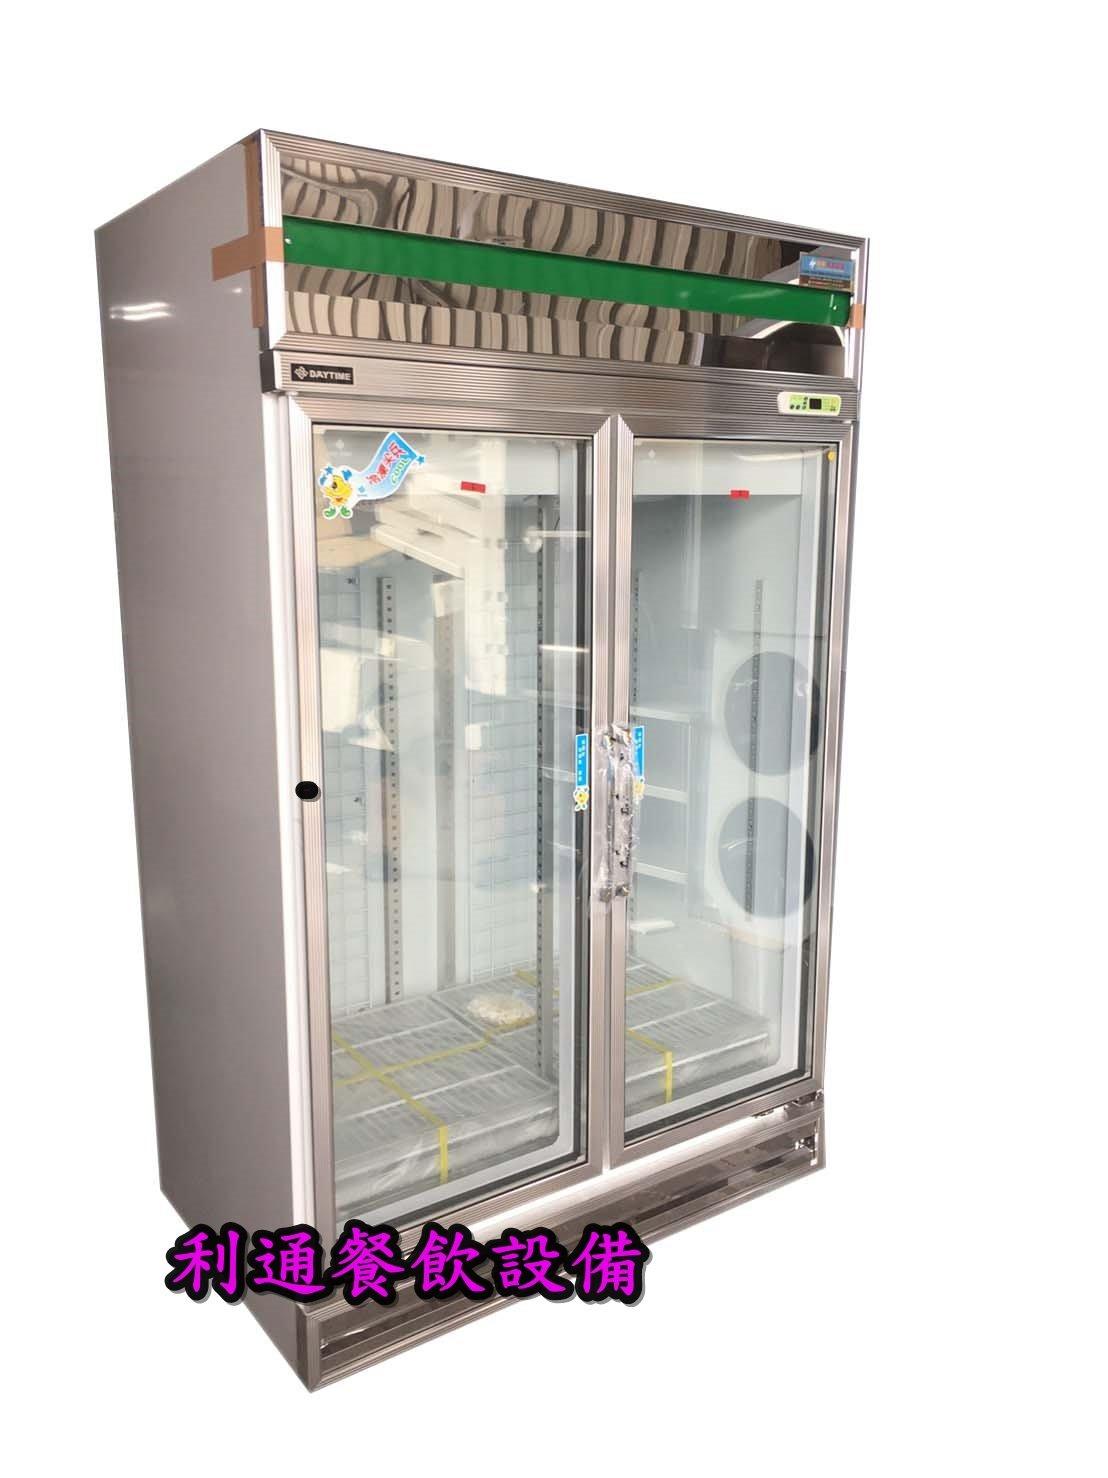 《利通餐飲設備》得台 2門玻璃冰箱 雙門冷藏冰箱  兩門冷藏玻璃冰箱 西點櫥.飲料櫃.展示櫃.小冰箱.檳榔攤冰箱